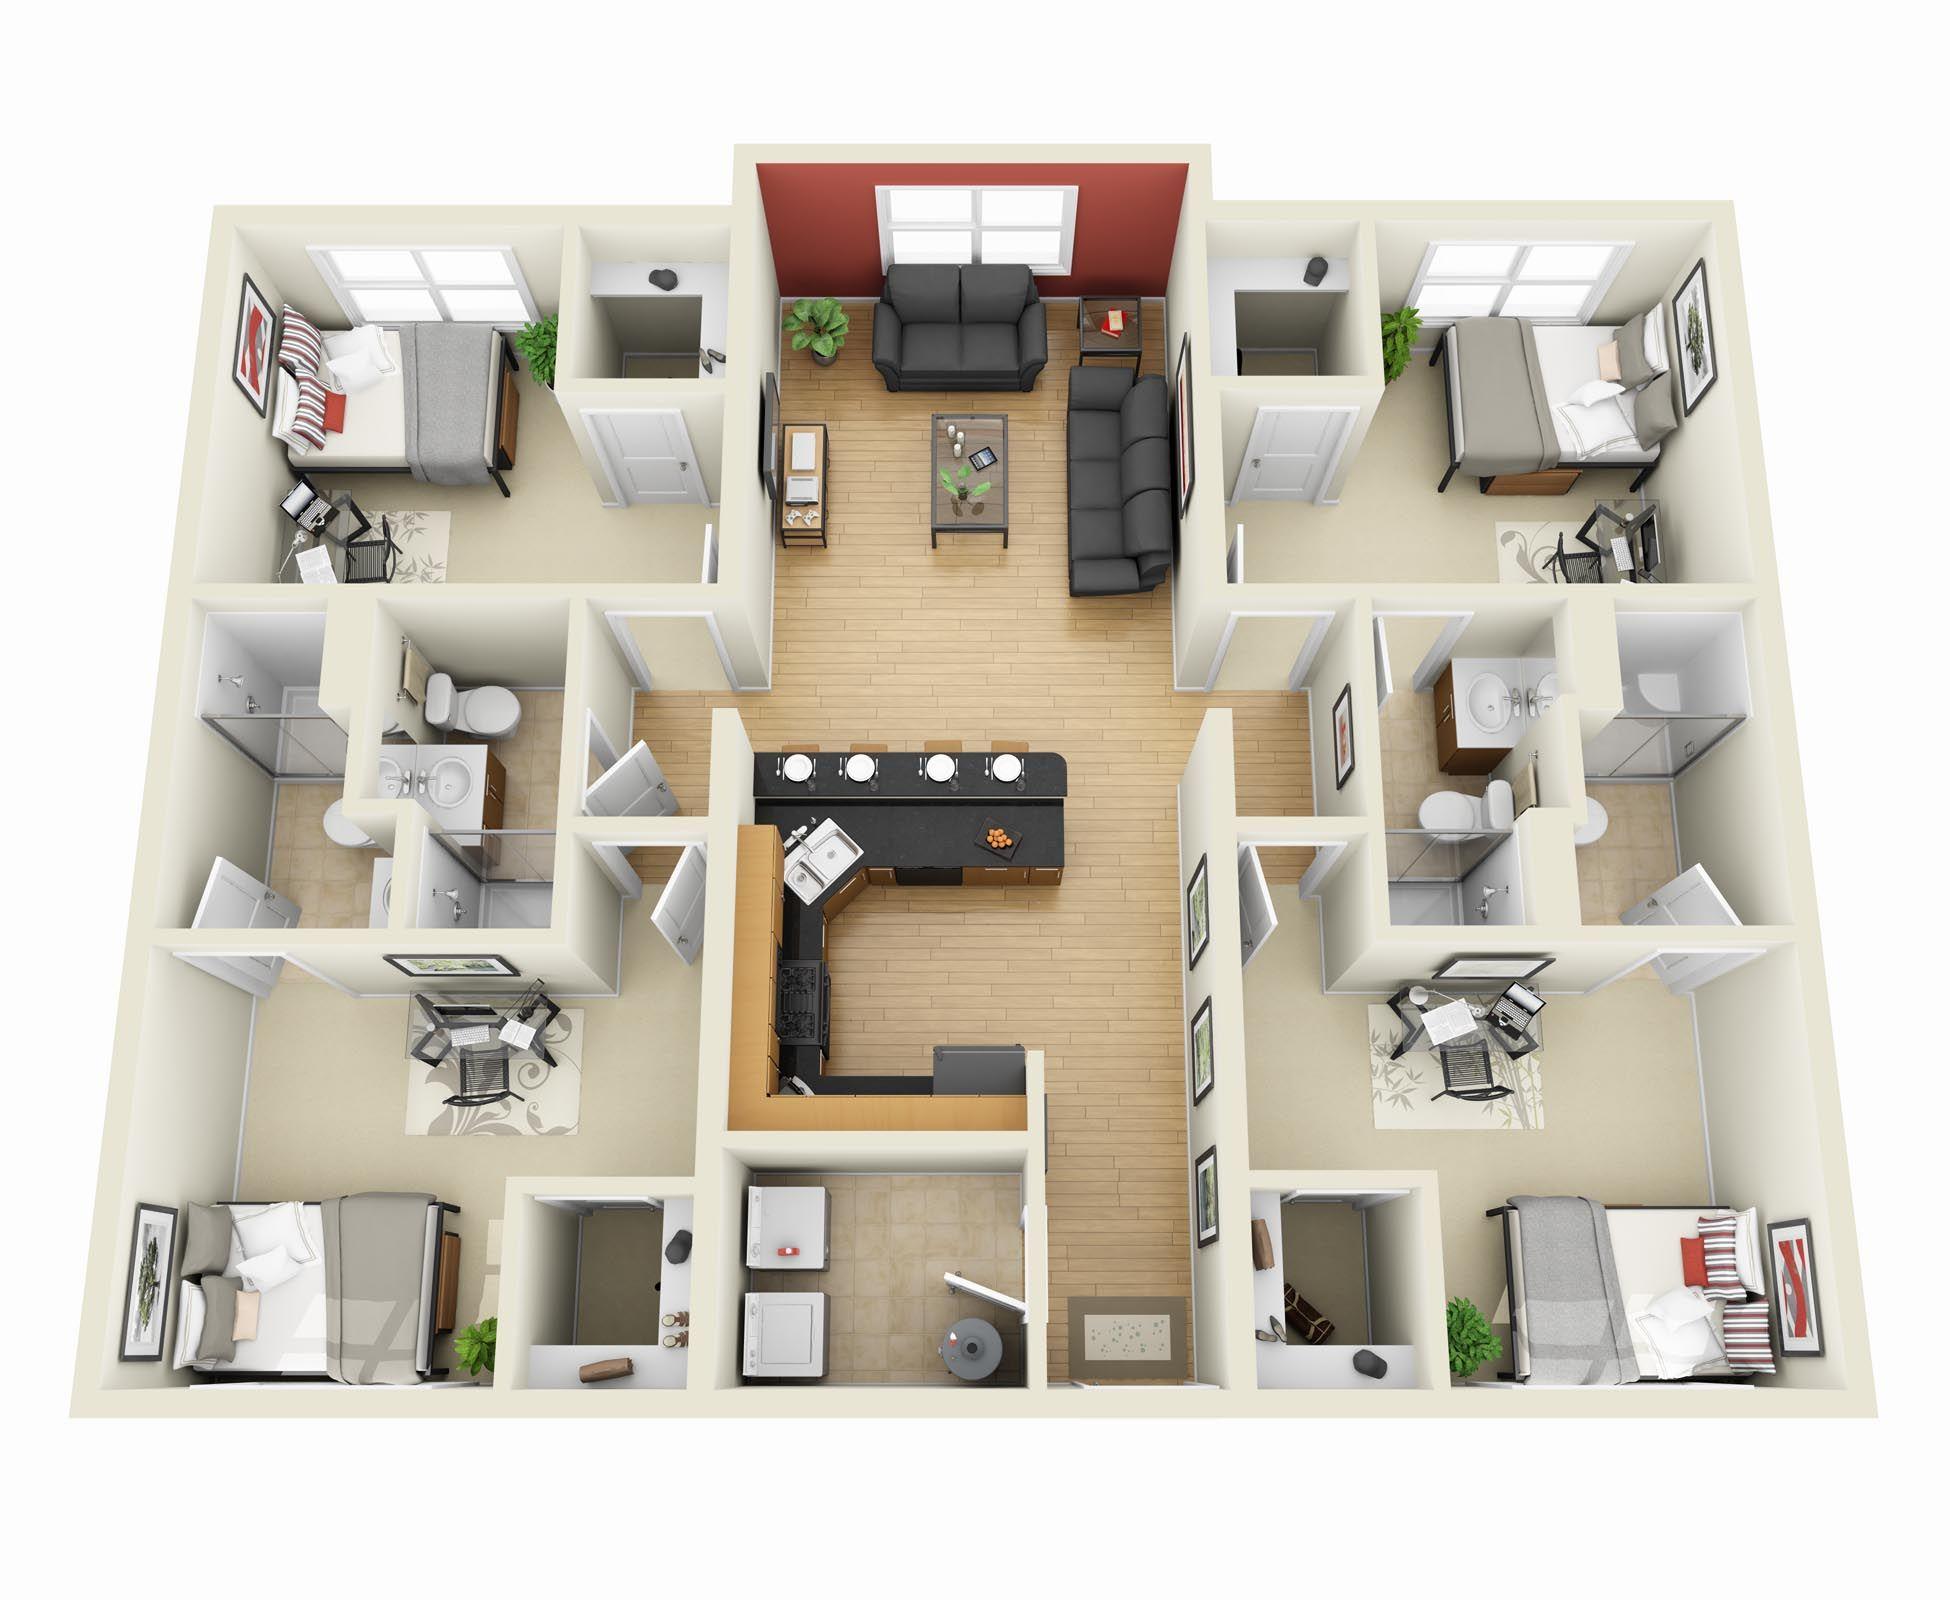 4 Bedroom Apartment House Plans 3d House Plans House Plans Apartment Floor Plans